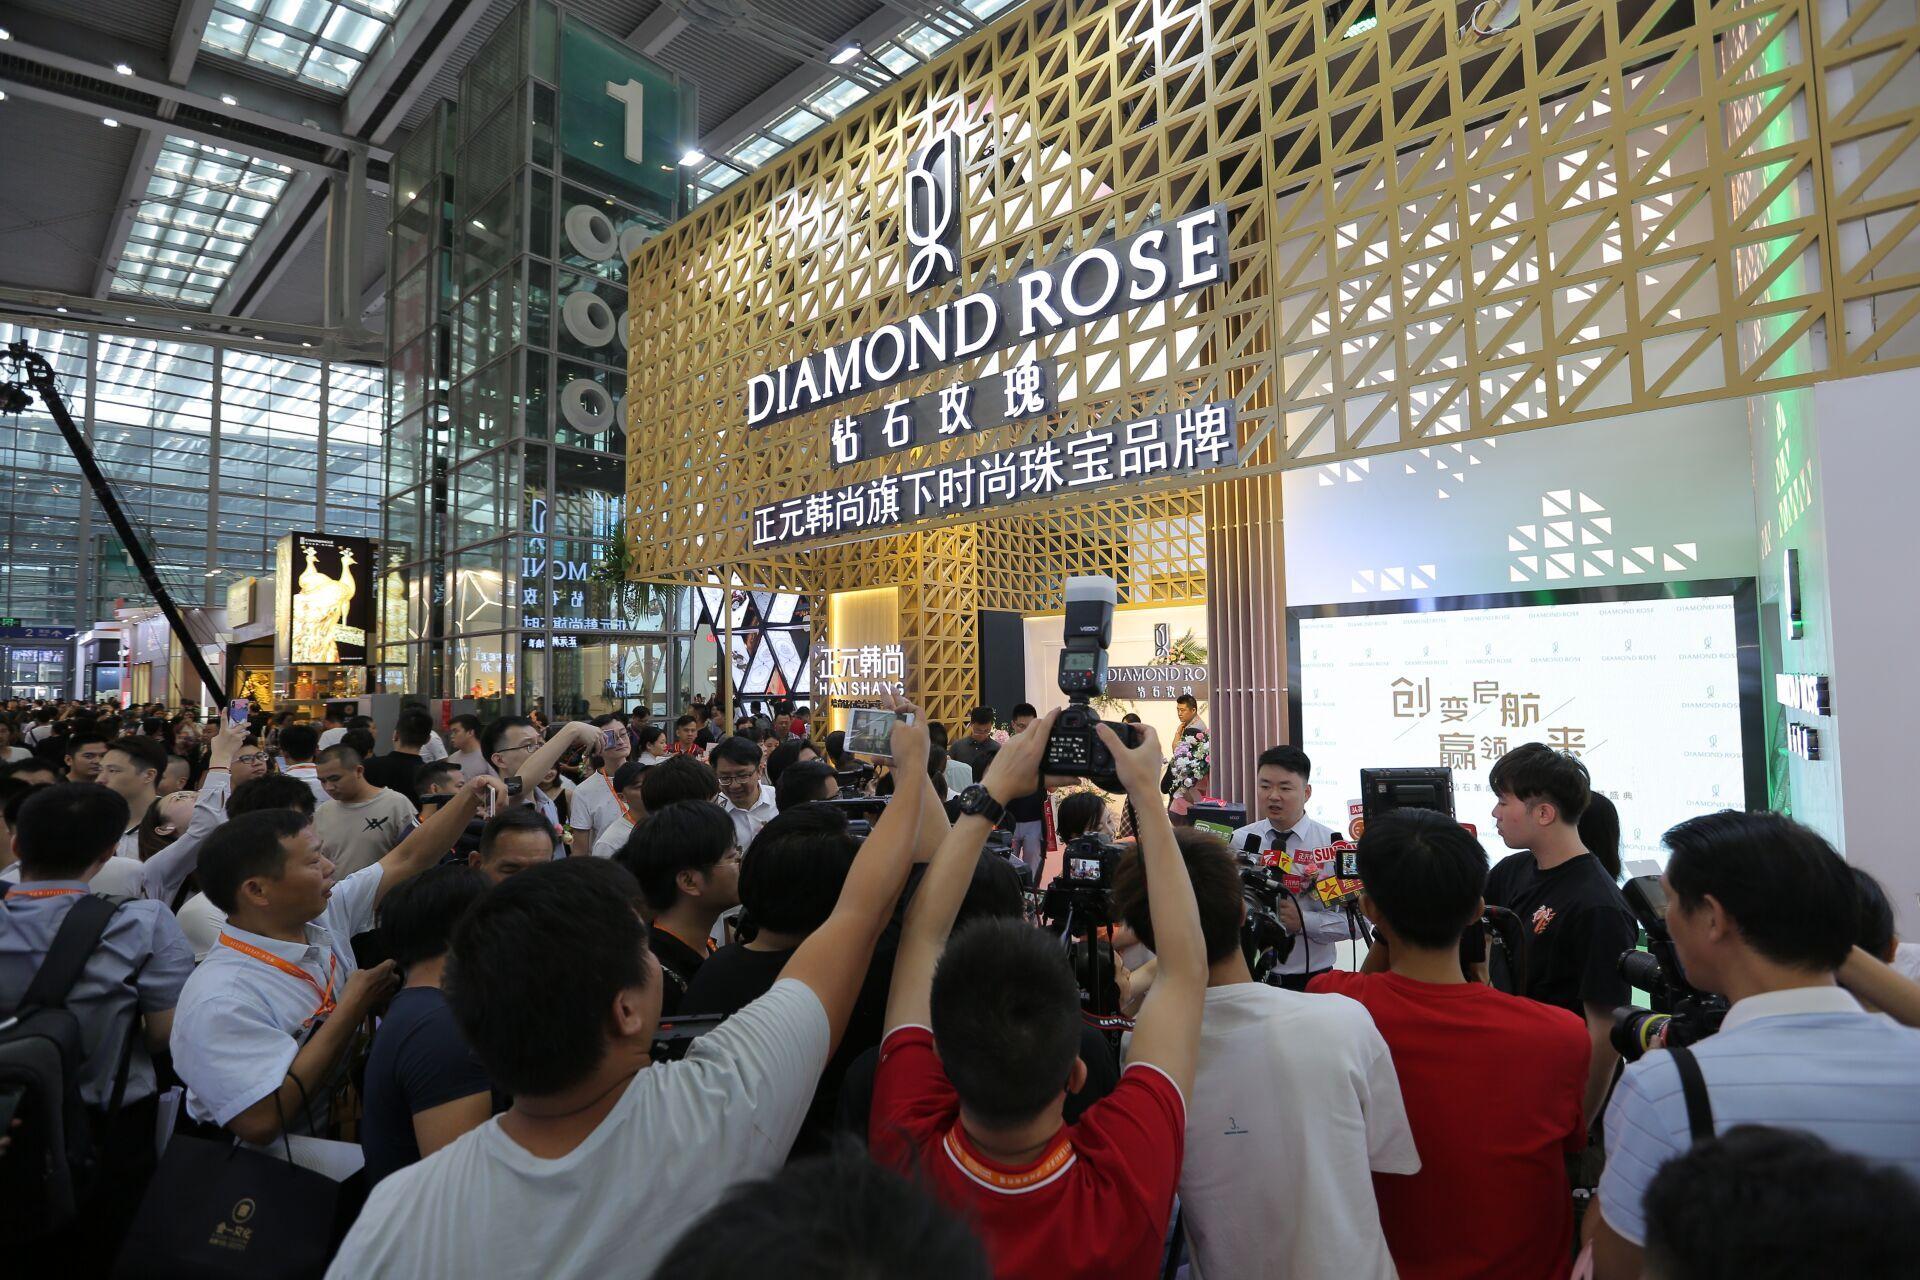 中国话语权提升!培育钻石打破国际巨头百年钻石垄断